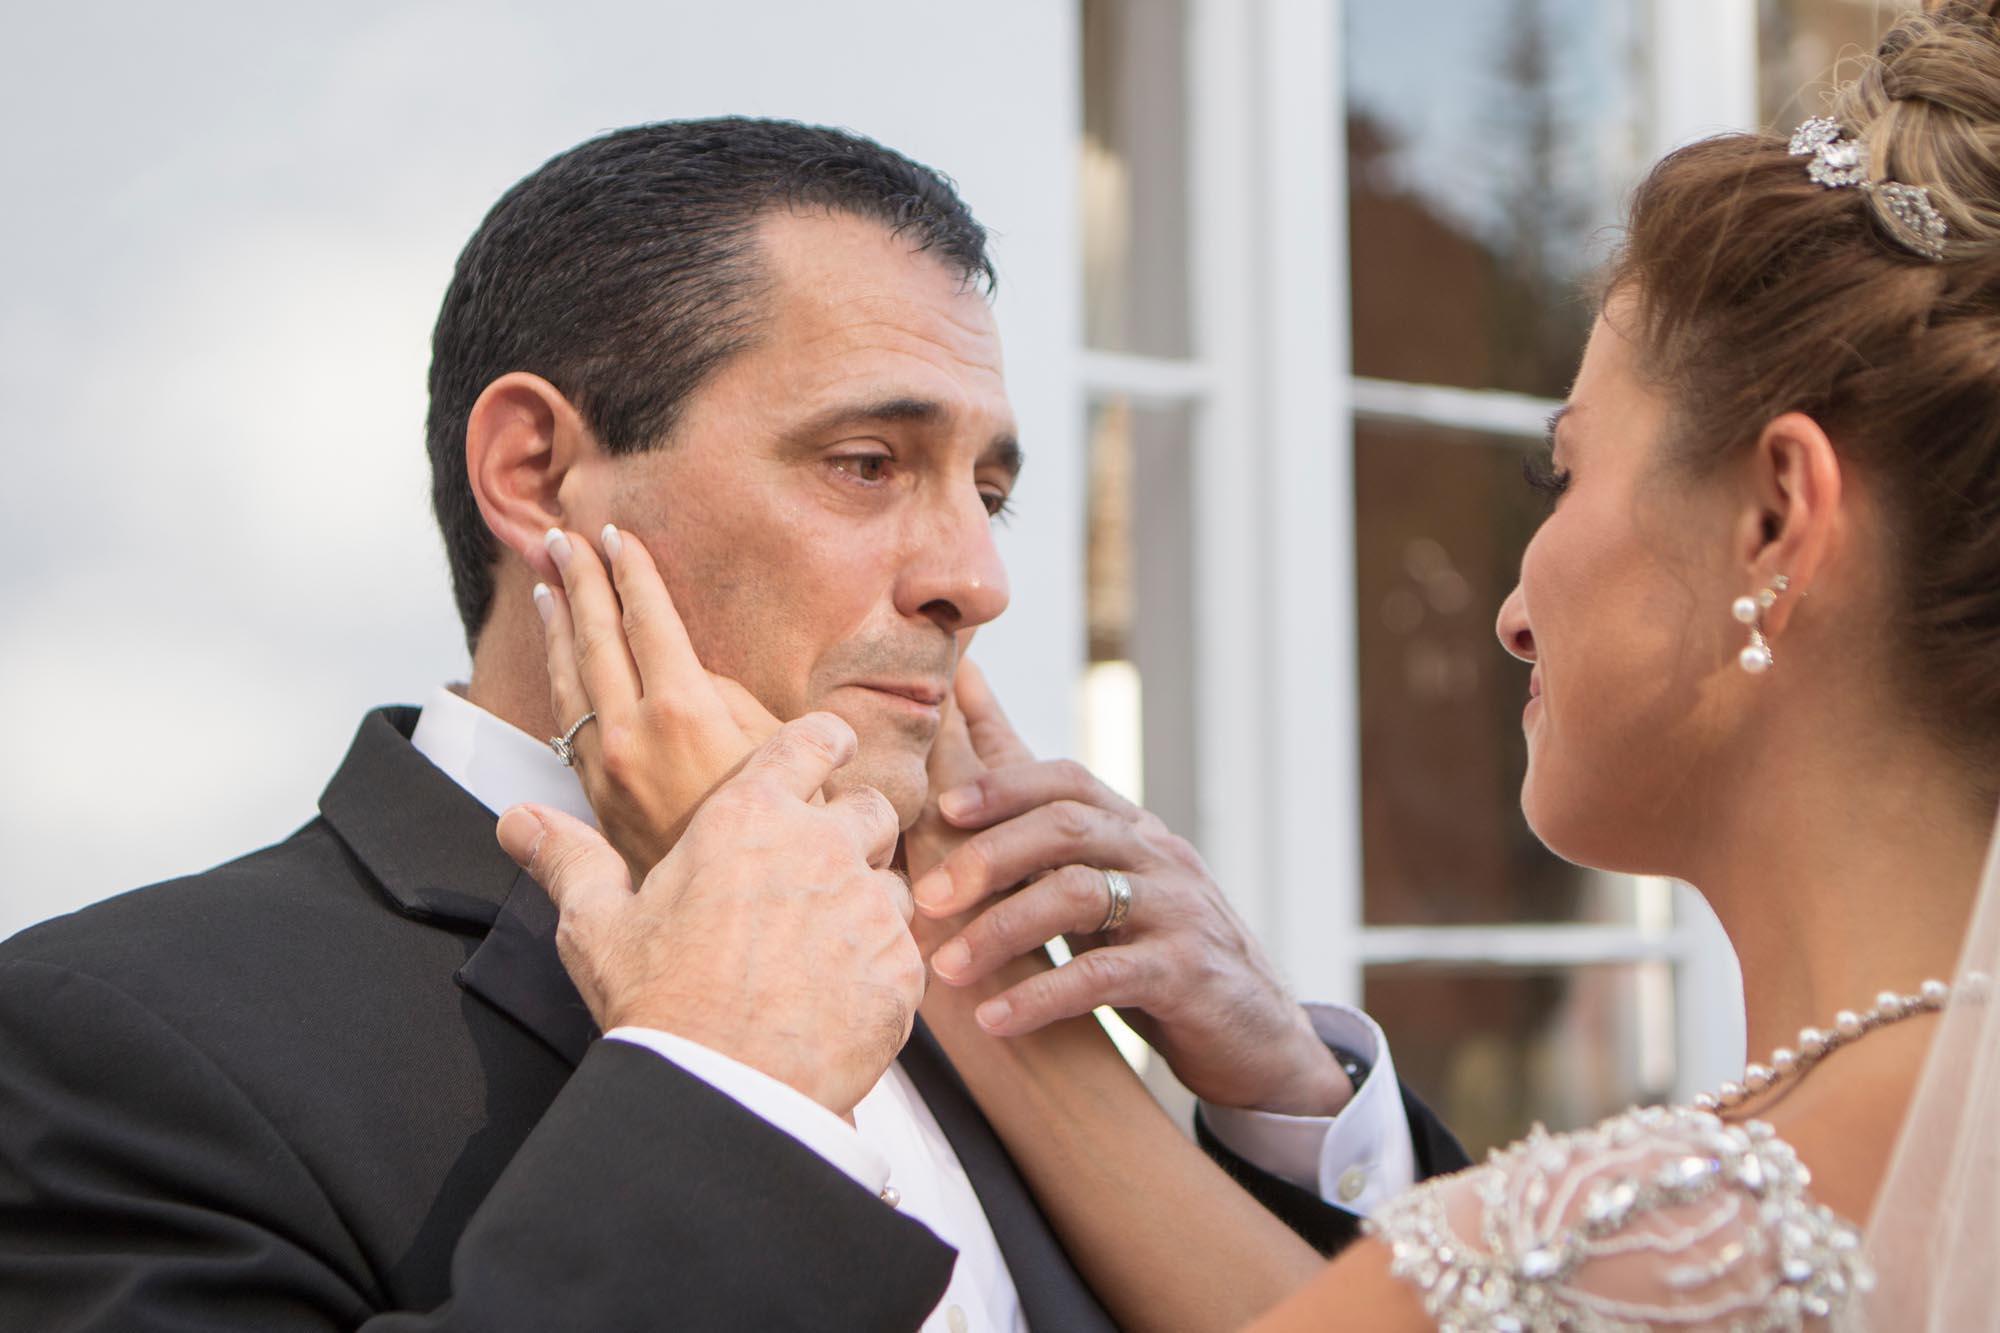 wv-wedding-photographer-sheena-pendley-9335.jpg